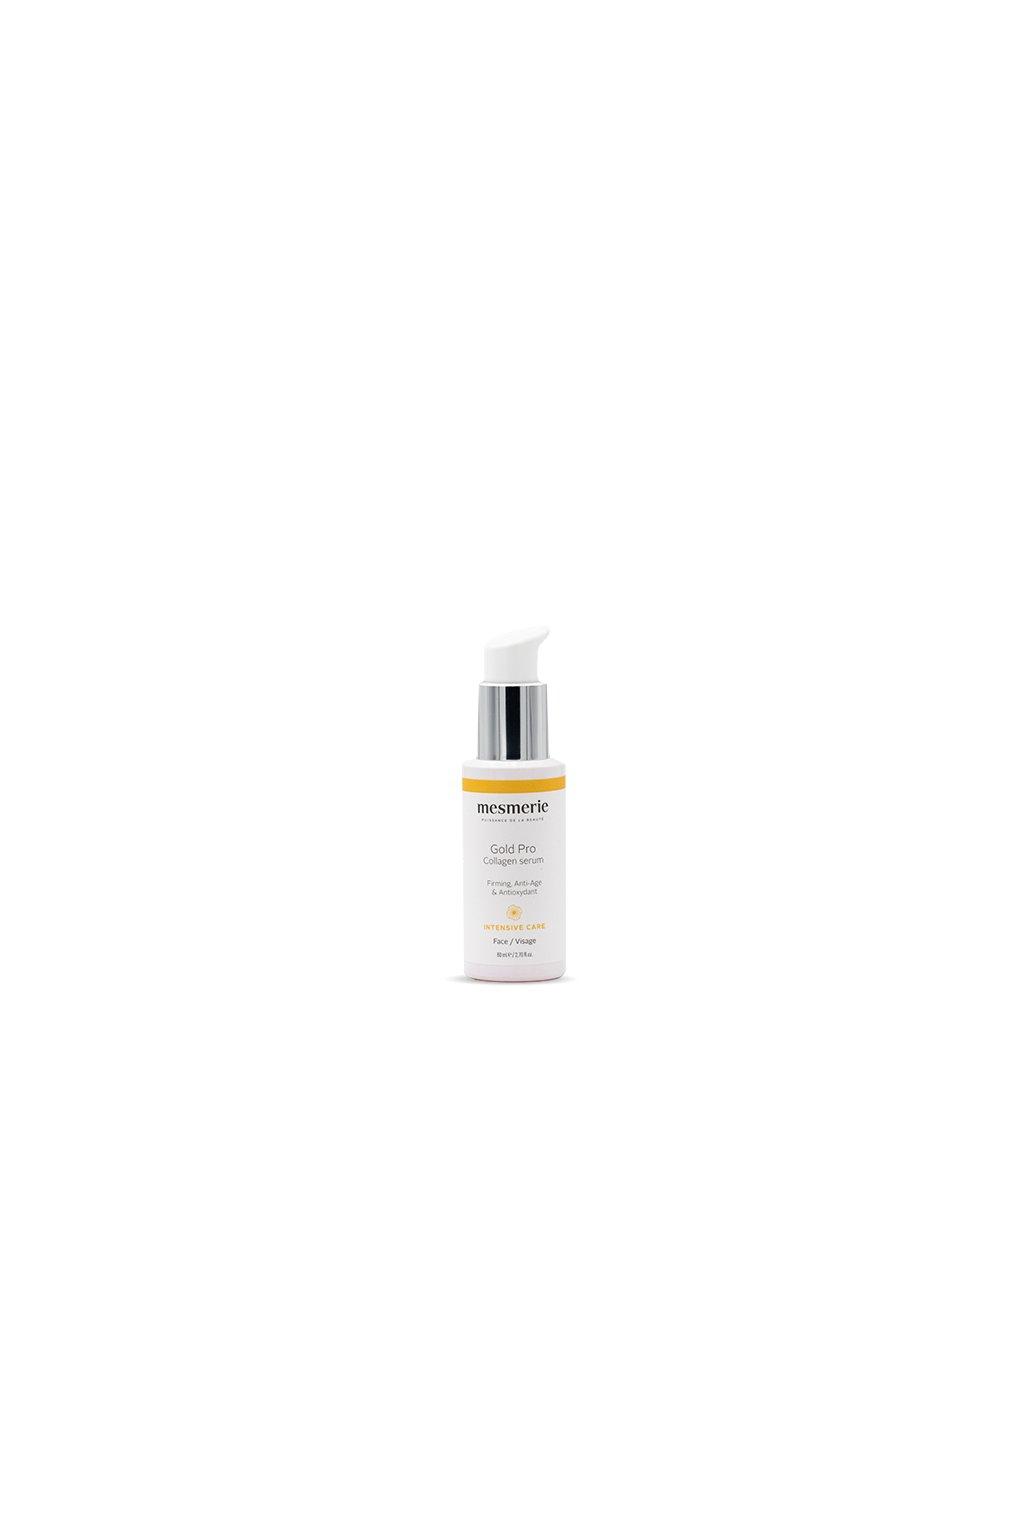 gold pro collagen serum